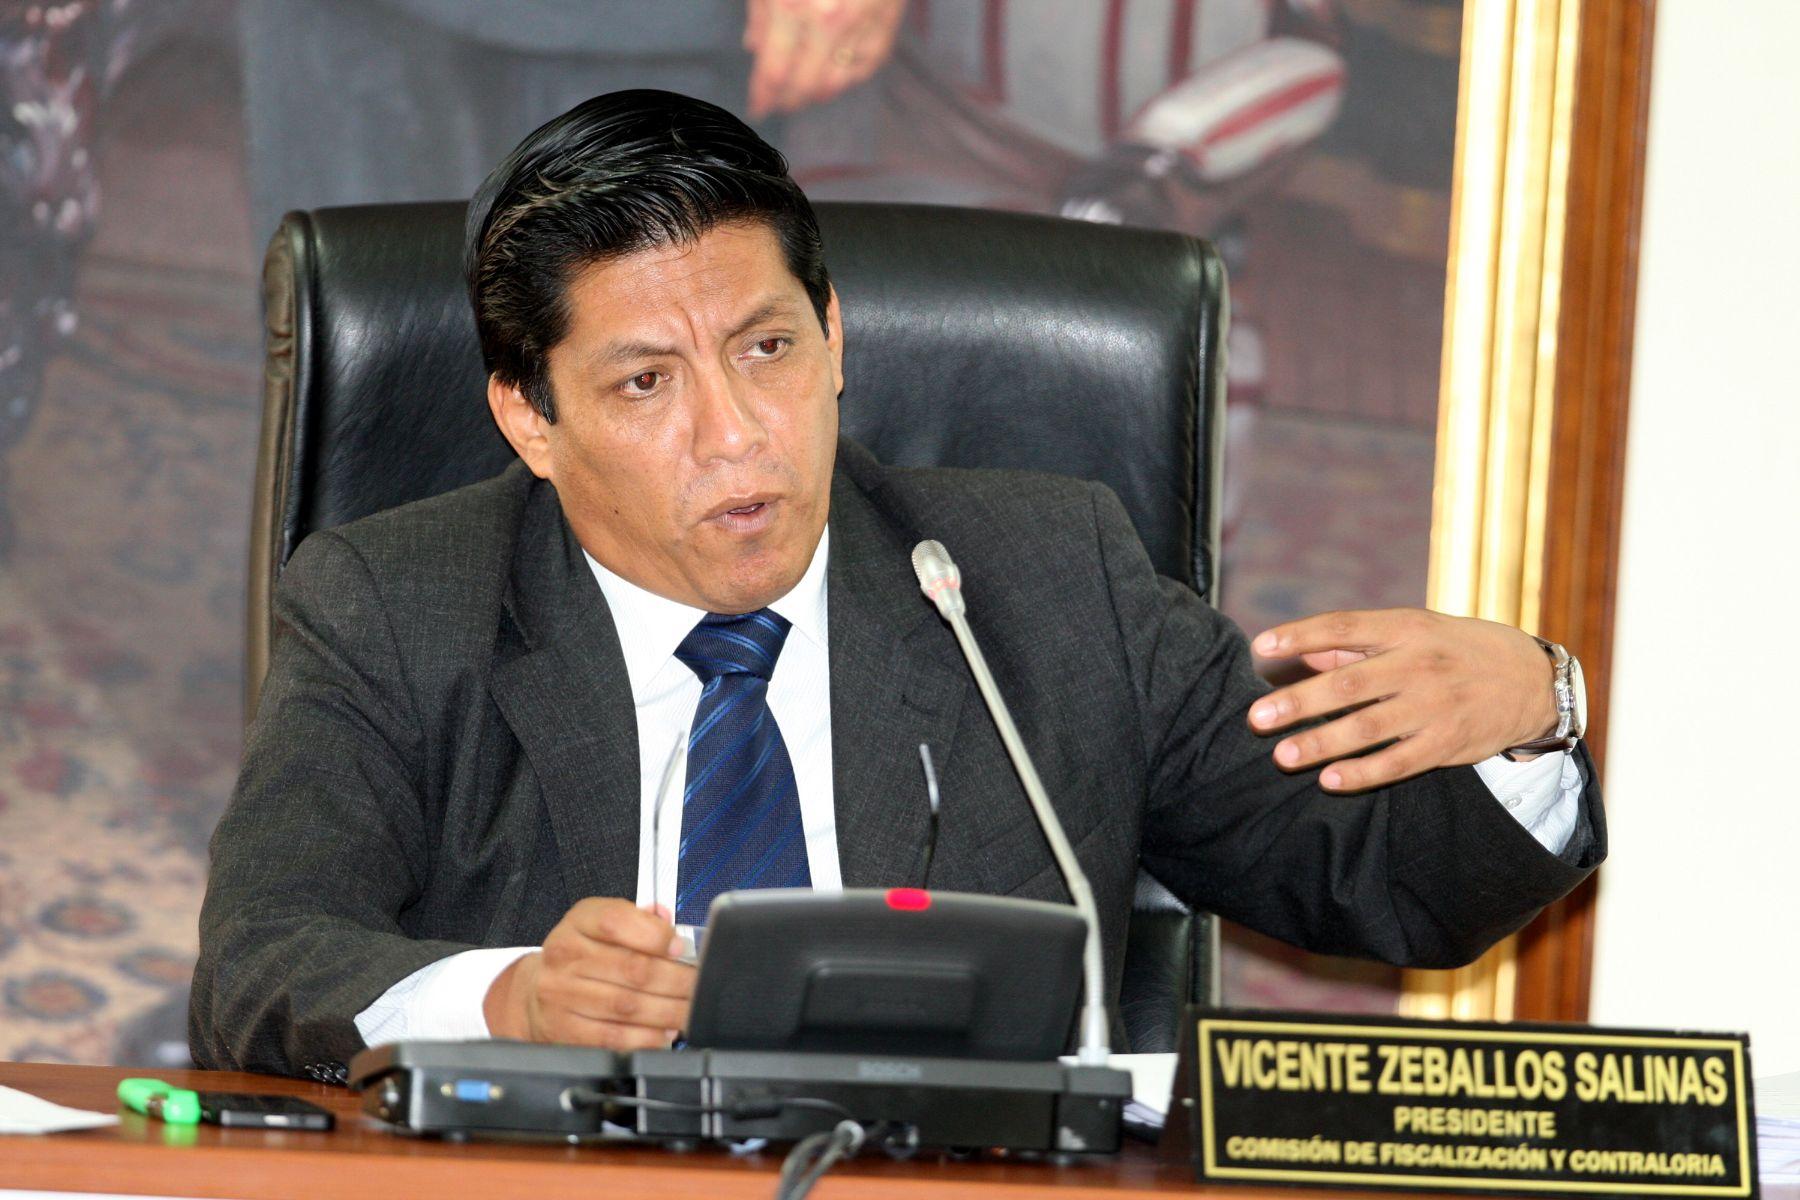 Comisión de Fiscalización, presidida por el congresista Vicente Zeballos. Foto: ANDINA/Archivo.